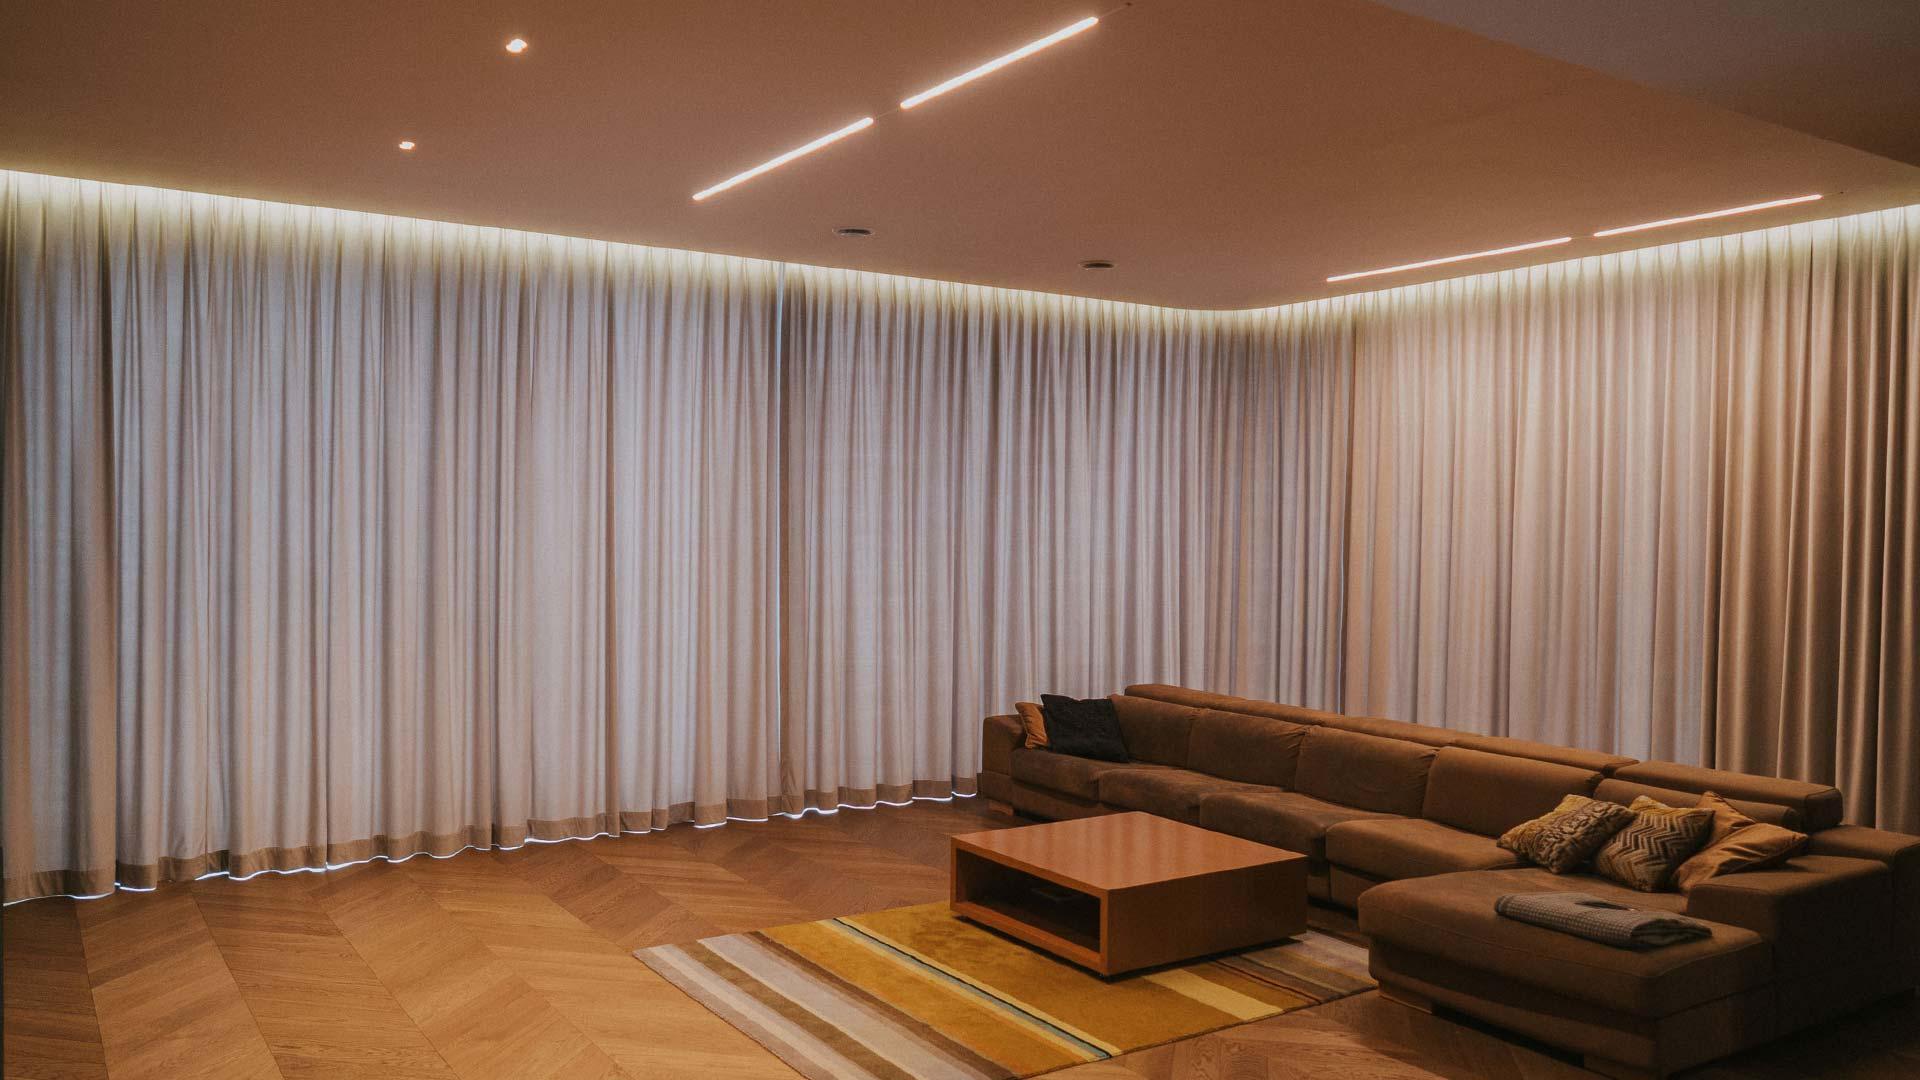 Szare zasłony wykonane z weluru w nowoczesnym salonie